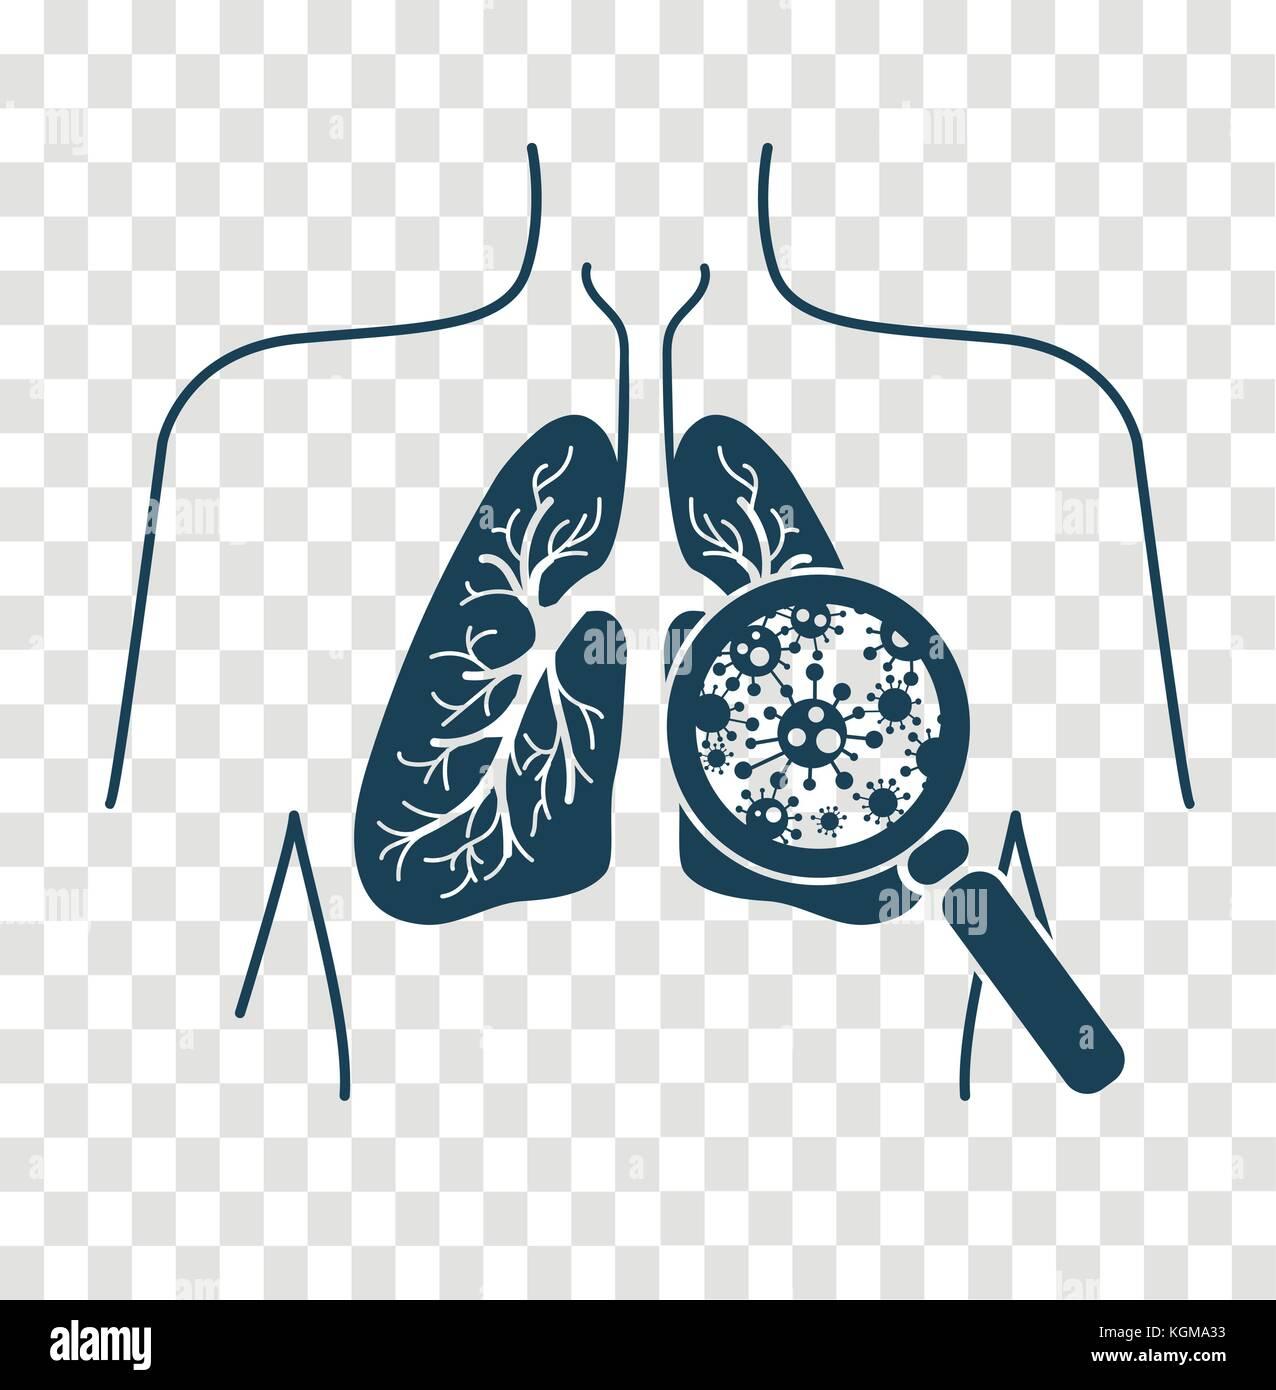 lung cancer vector logo icon stock photos amp lung cancer